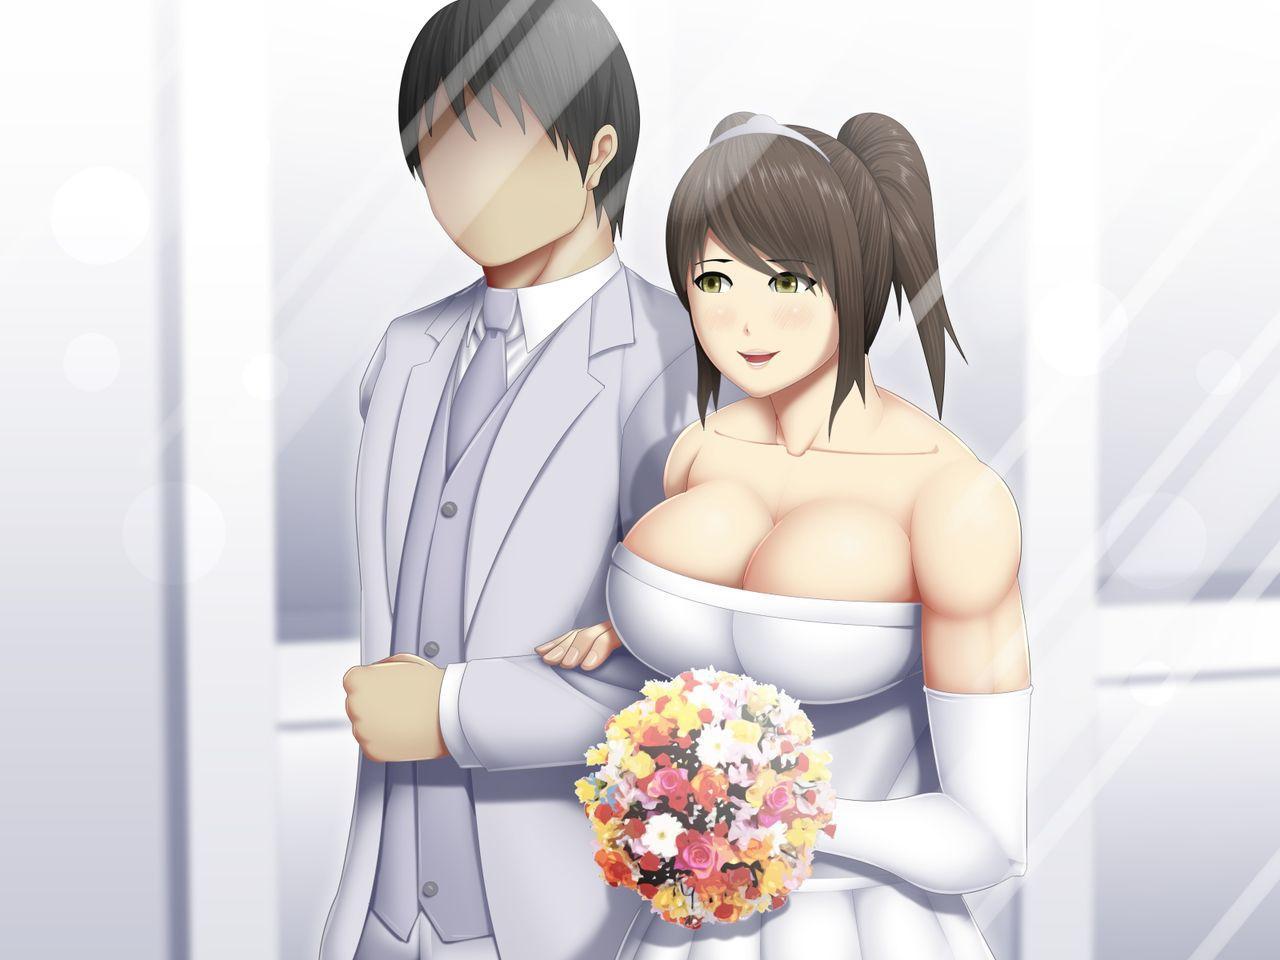 Uchiki na Jyumai ga Ore no Tame ni Karada o Kitaeta Kekka 234